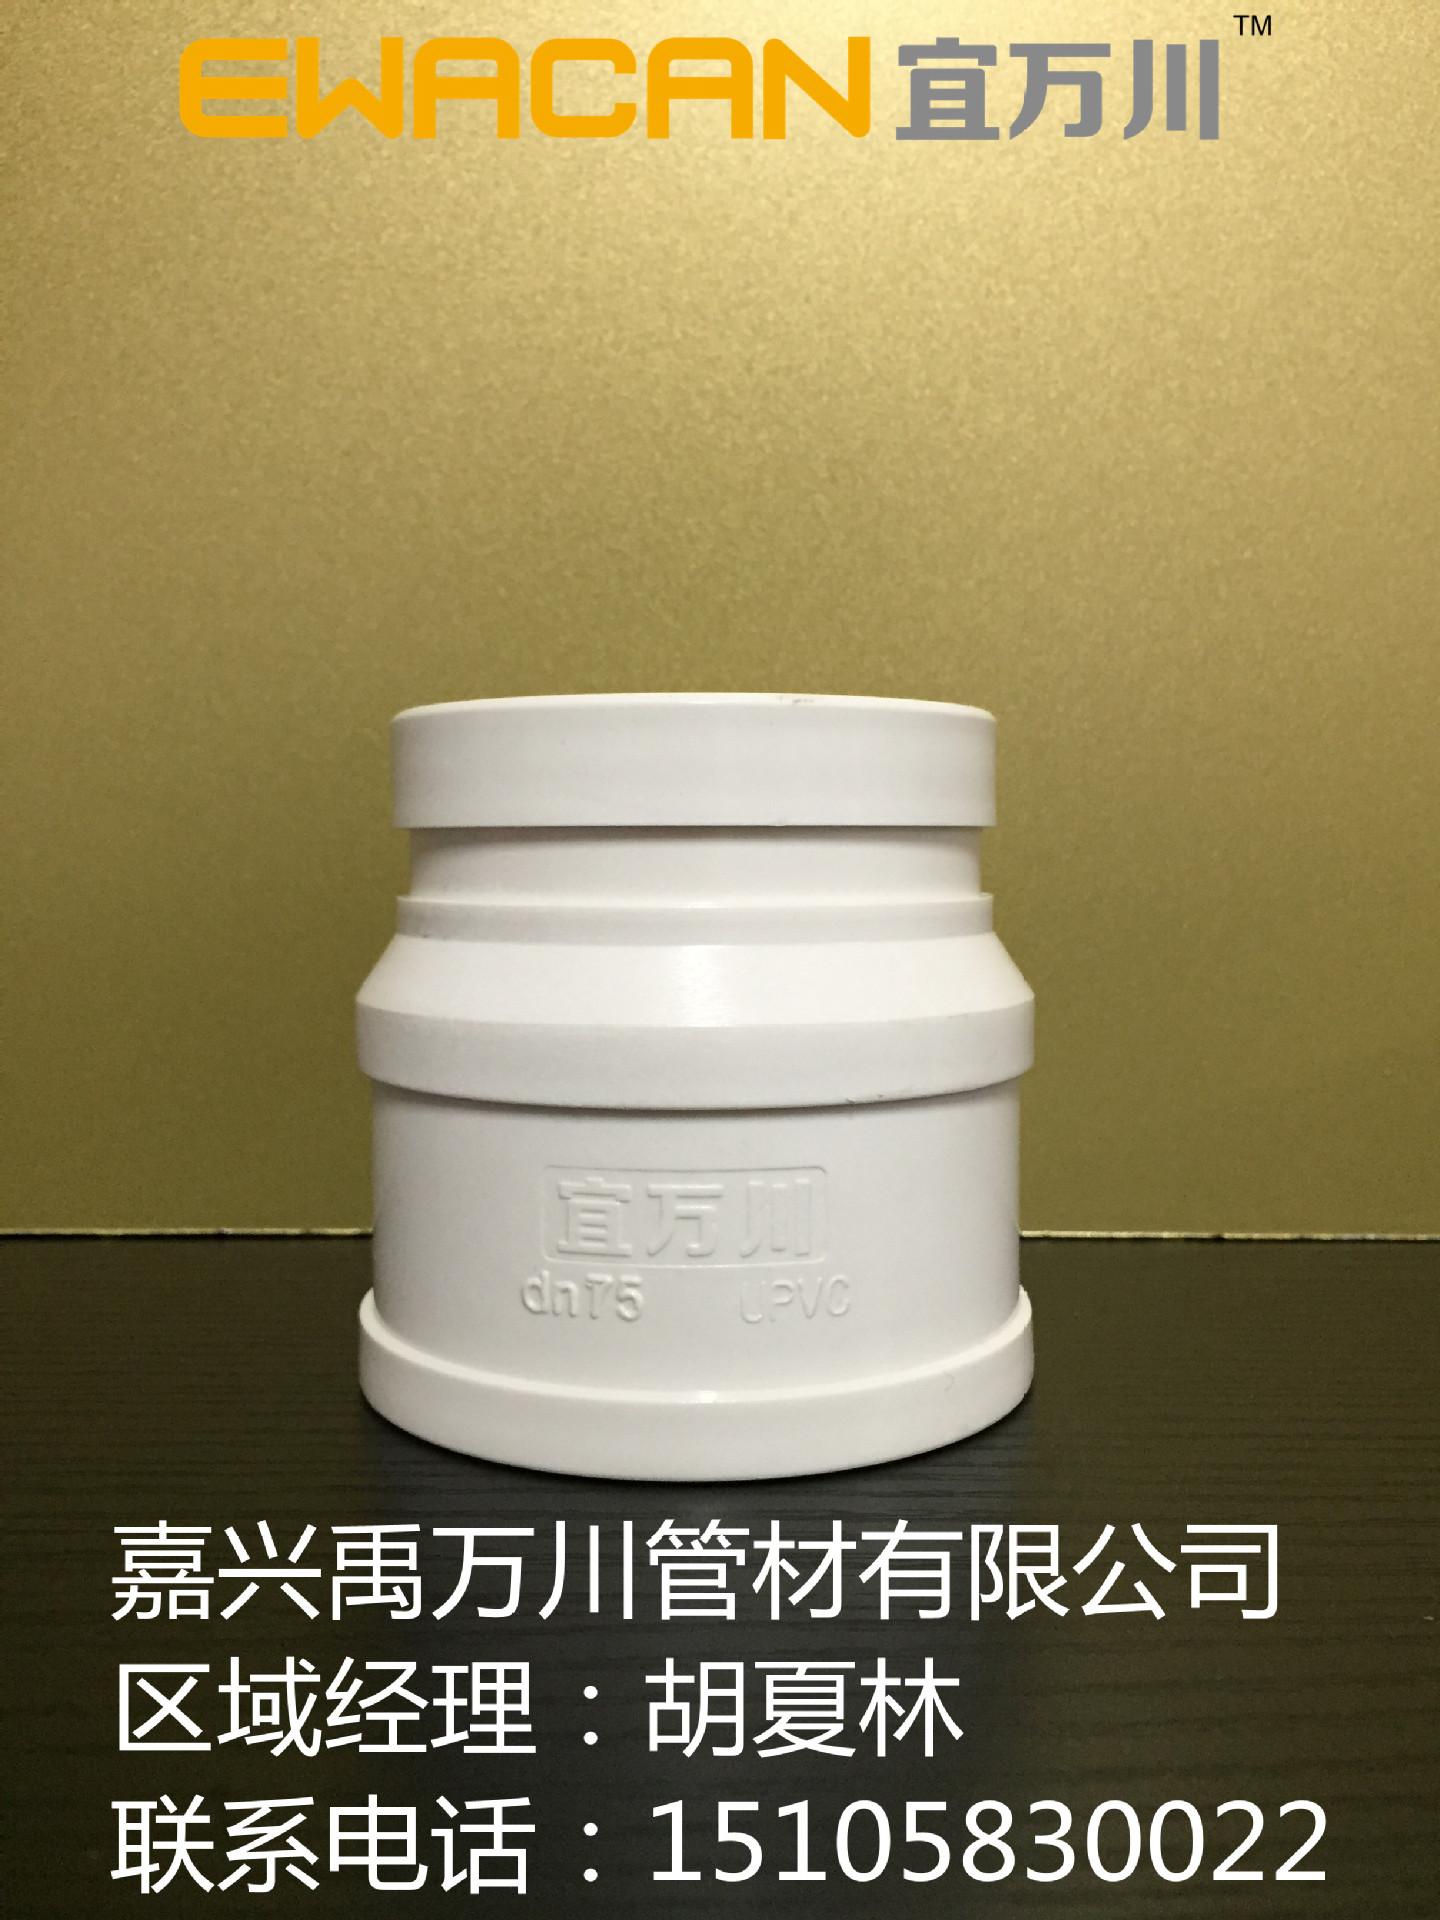 直供沟槽式HDPE超静音排水管,PVC转换接(厂家),HDPE 静音管示例图9